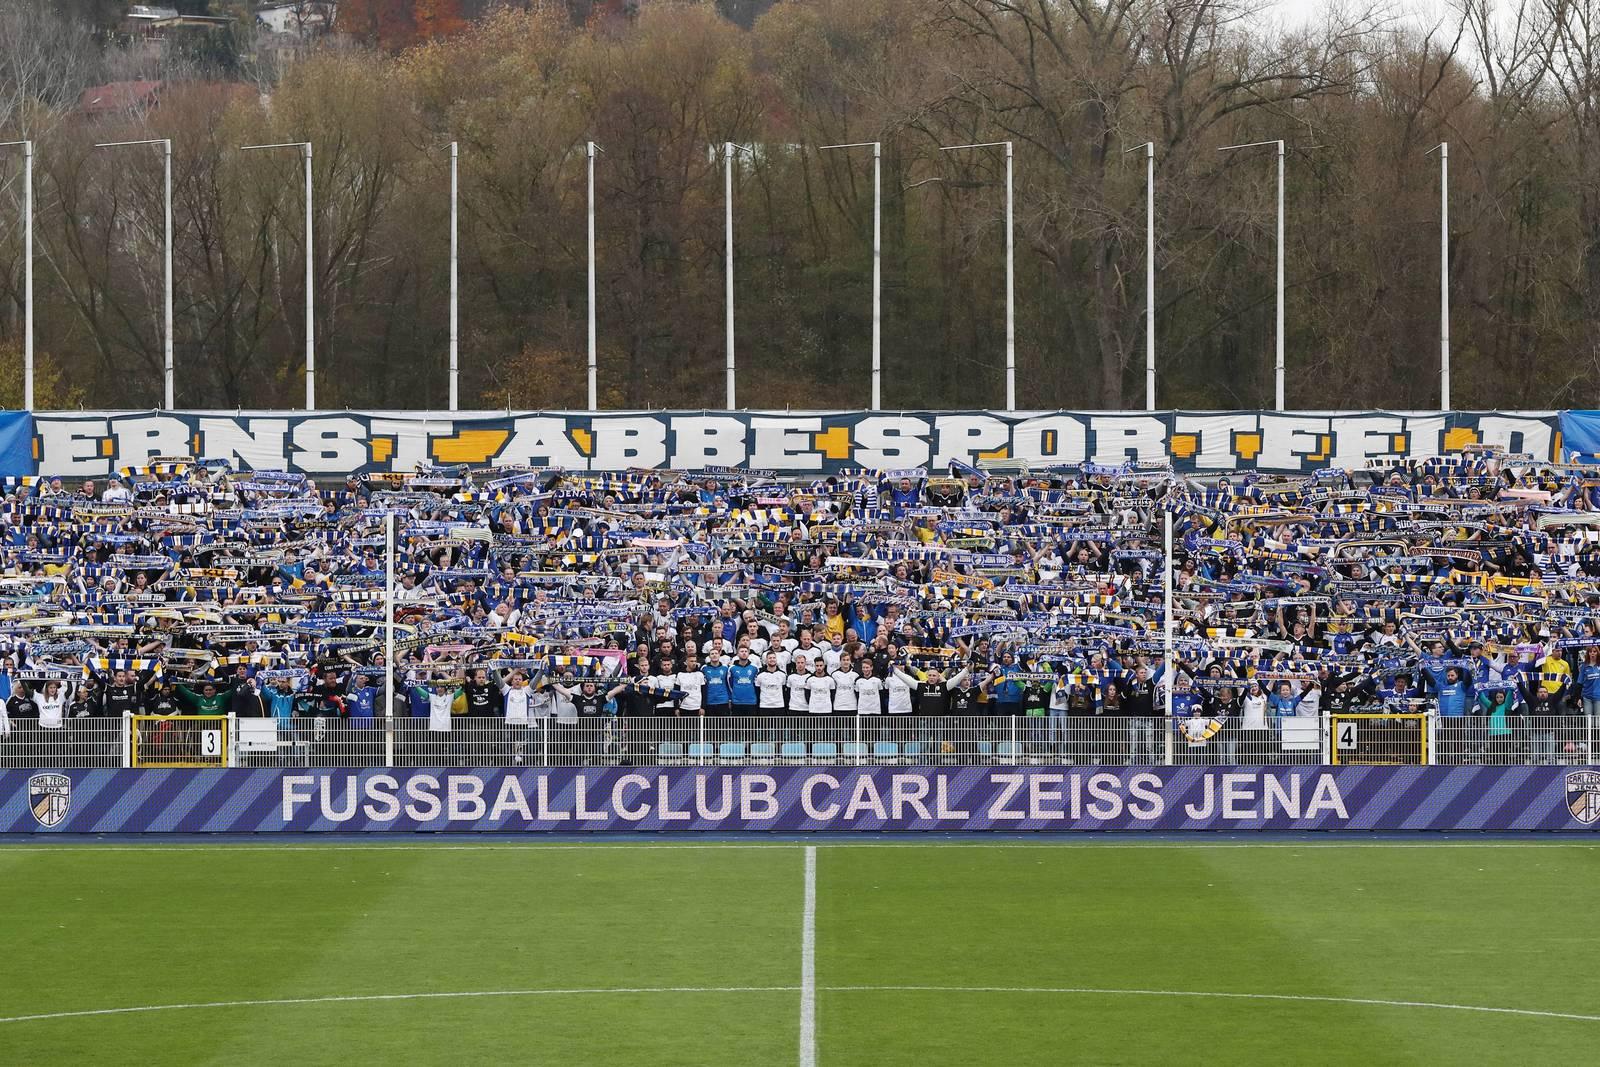 Carl zeiss Jena Fans